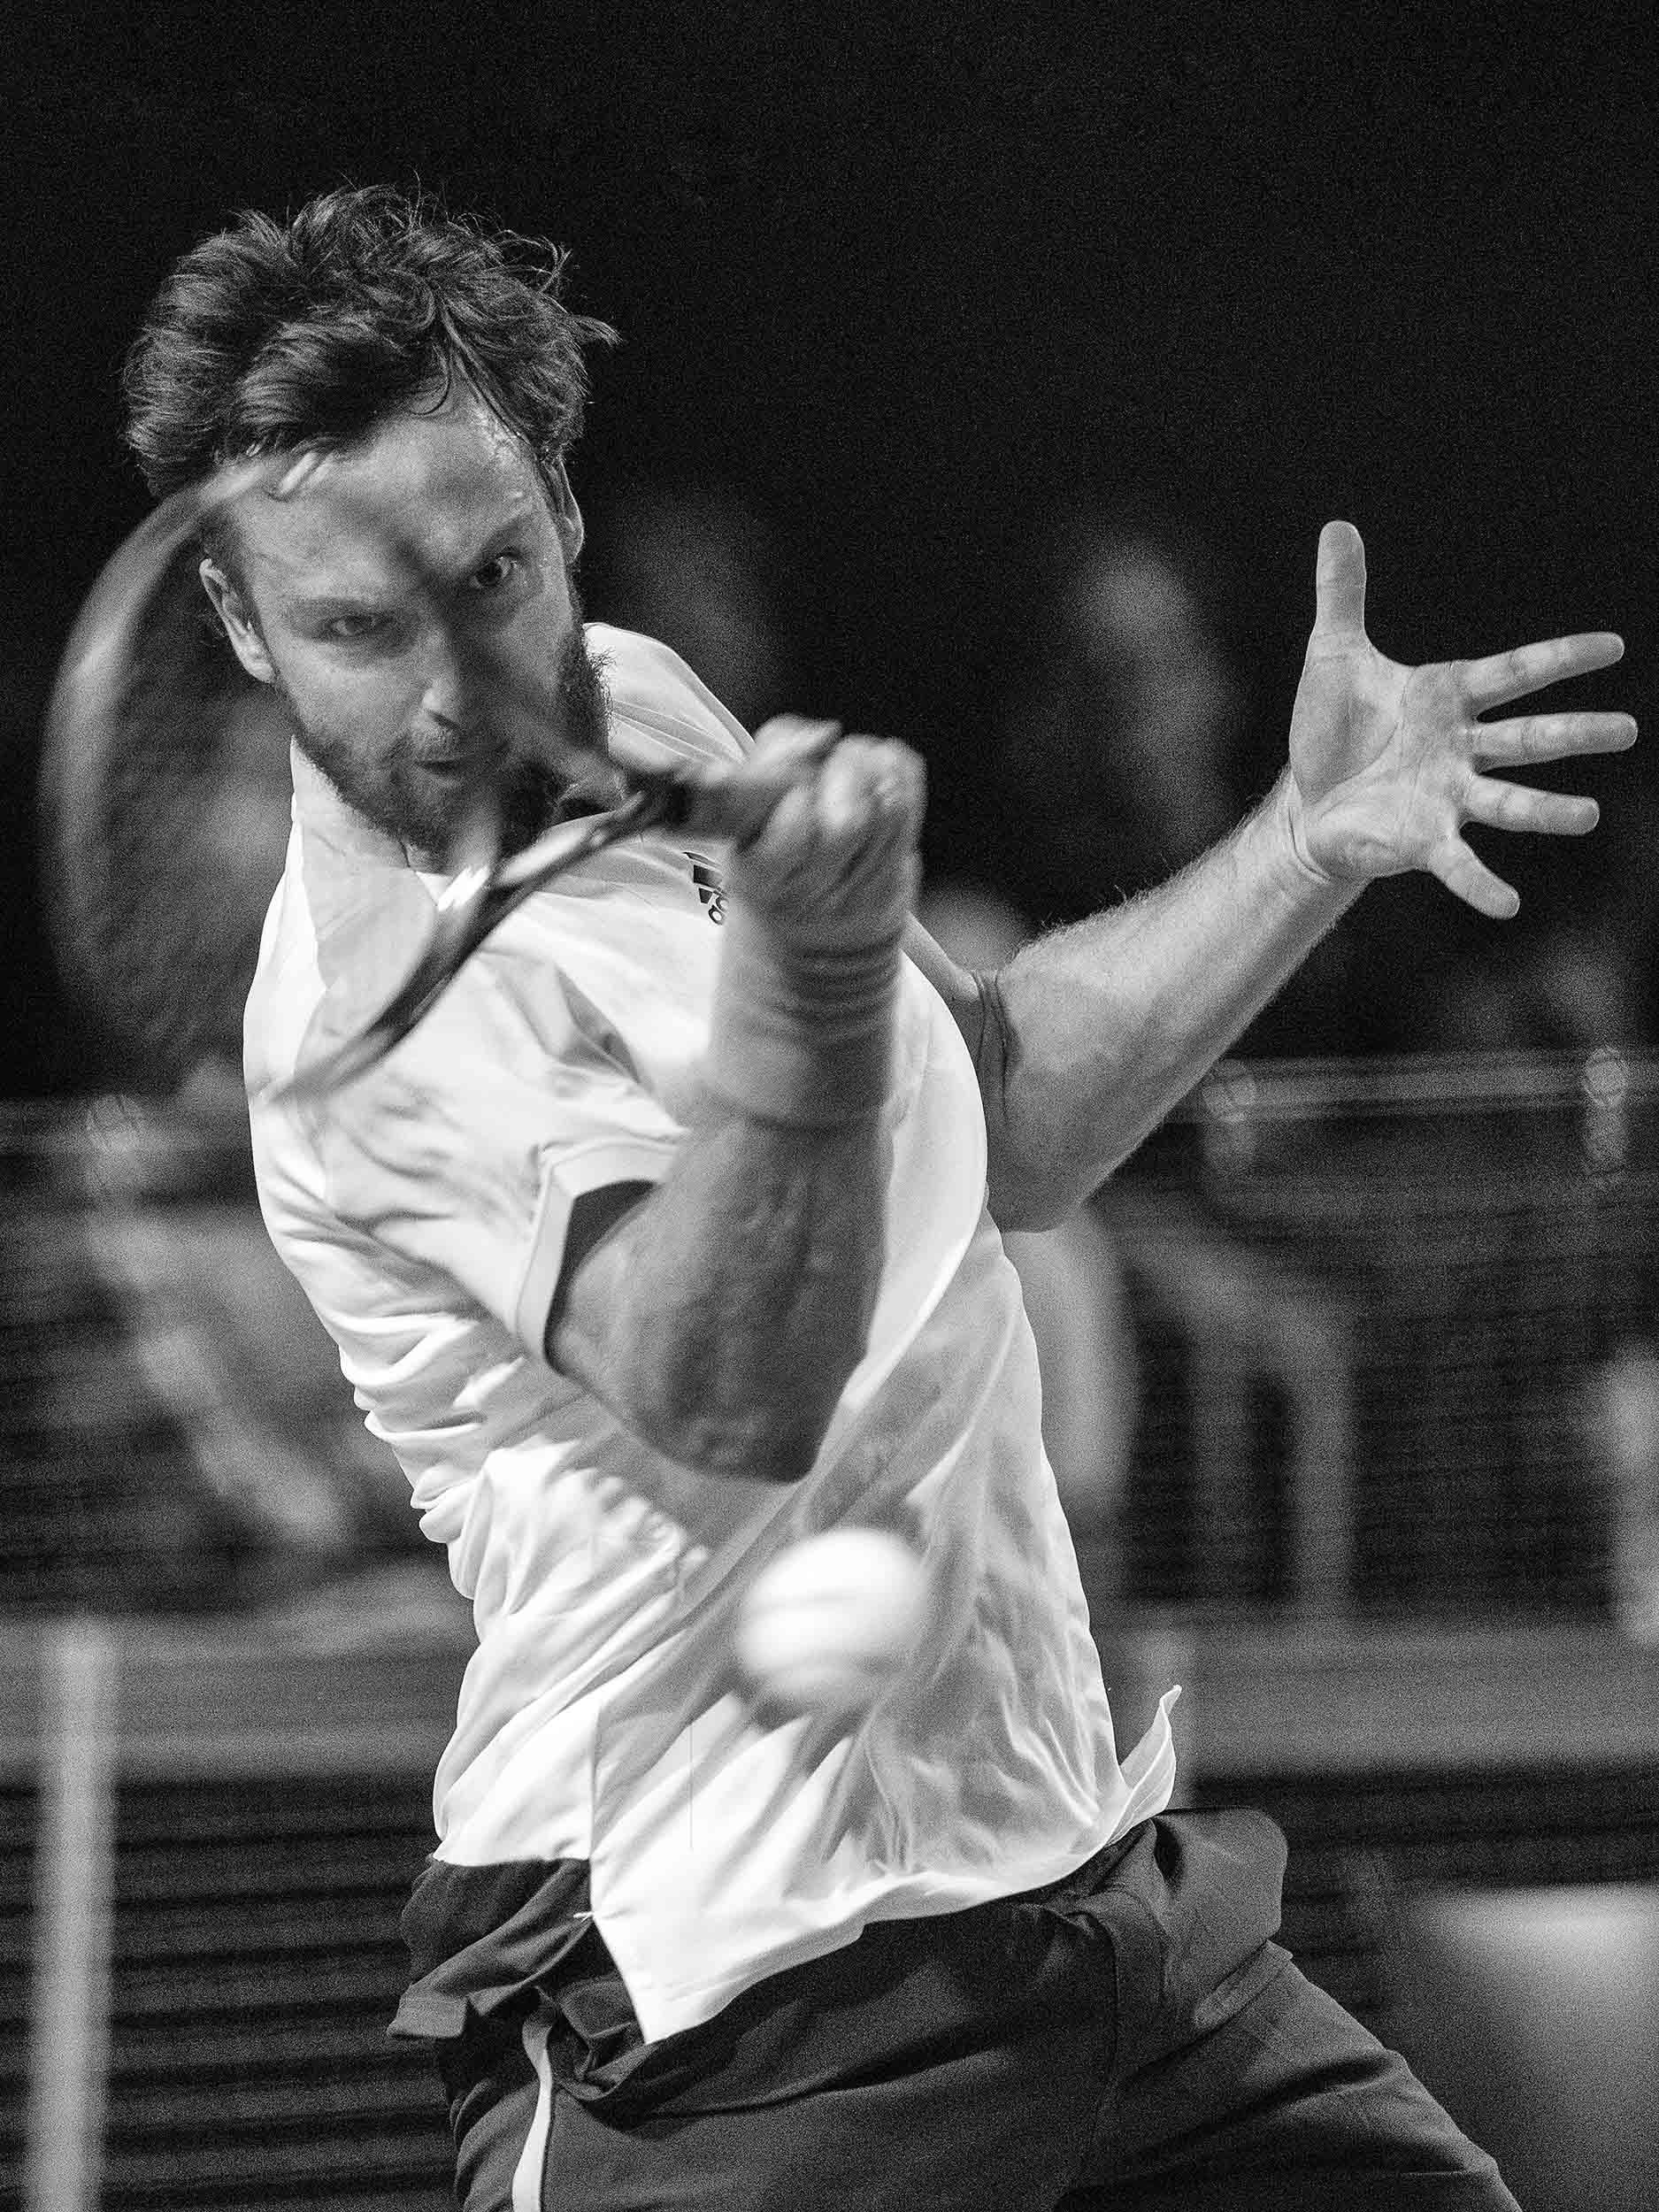 Sportportret Ernest Gulbis - ABN AMRO Kwalificatie 2017